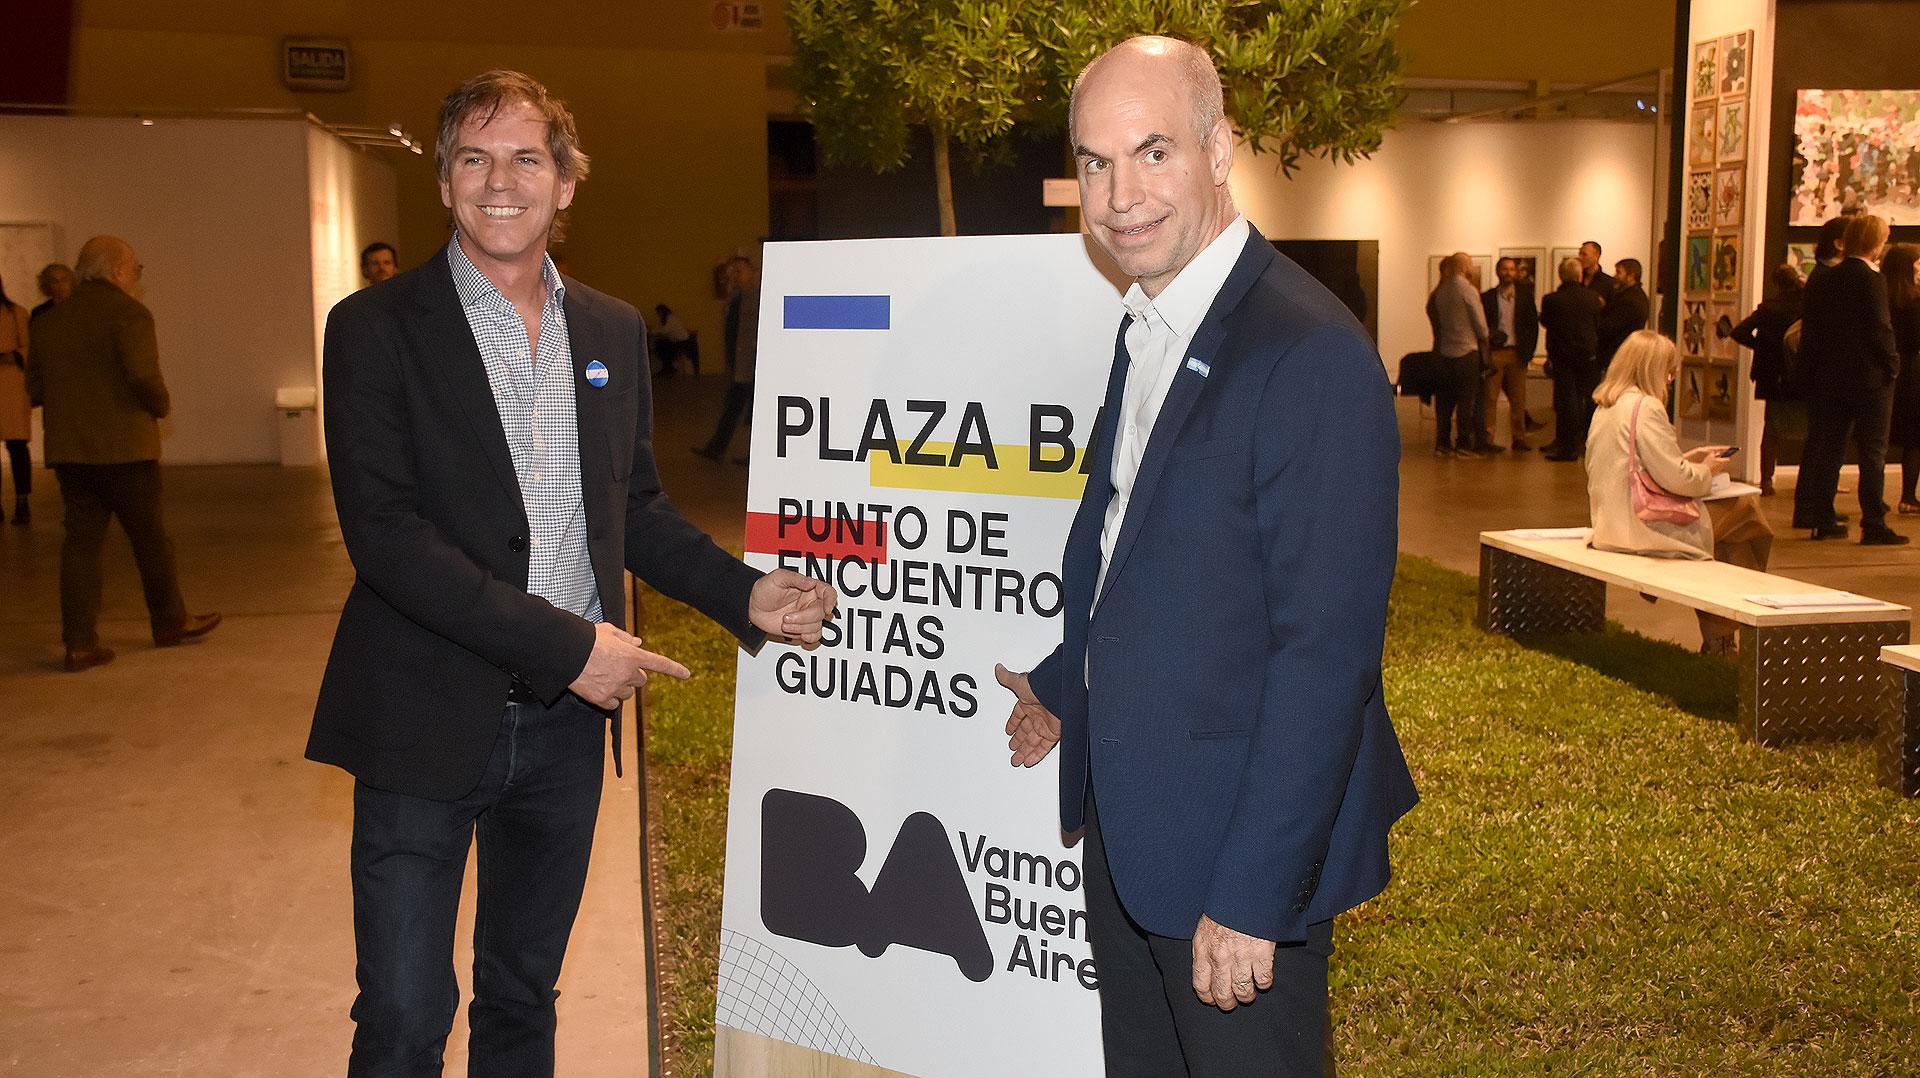 Alec Oxenford, presidente de arteBA Fundación, y Horacio Rodríguez Larreta, jefe de Gobierno porteño